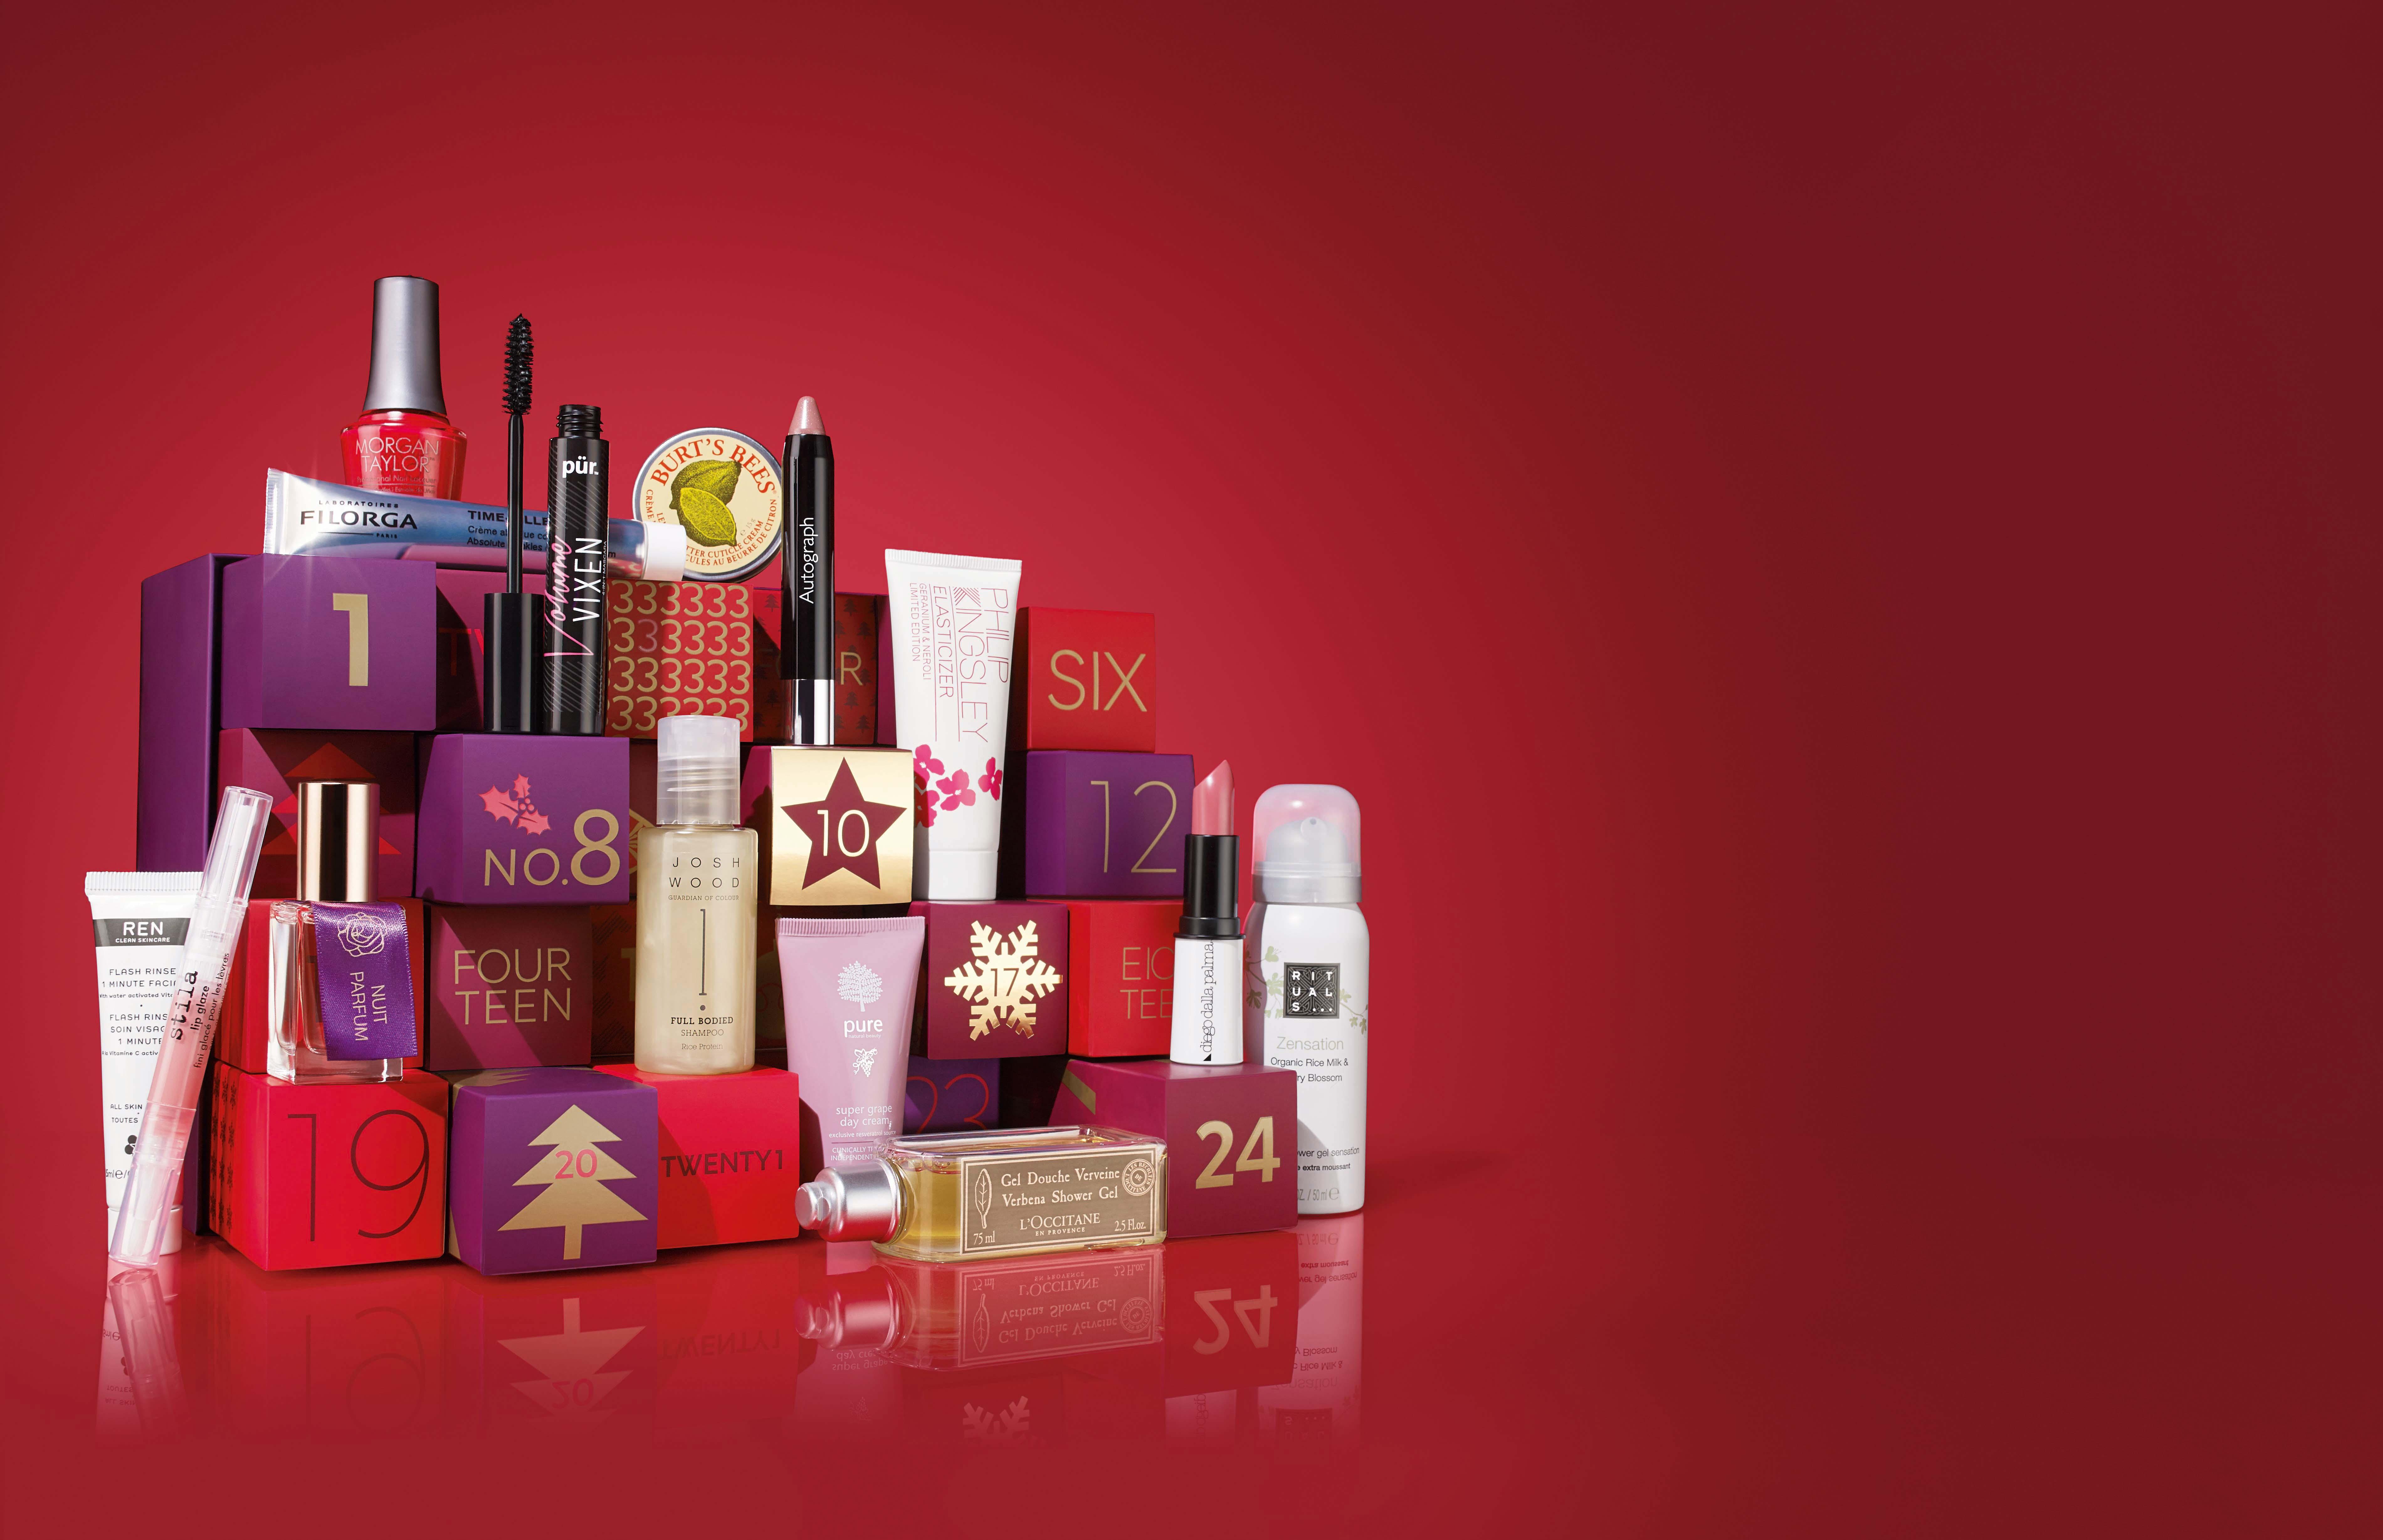 m&s beauty advent calendar pr shot